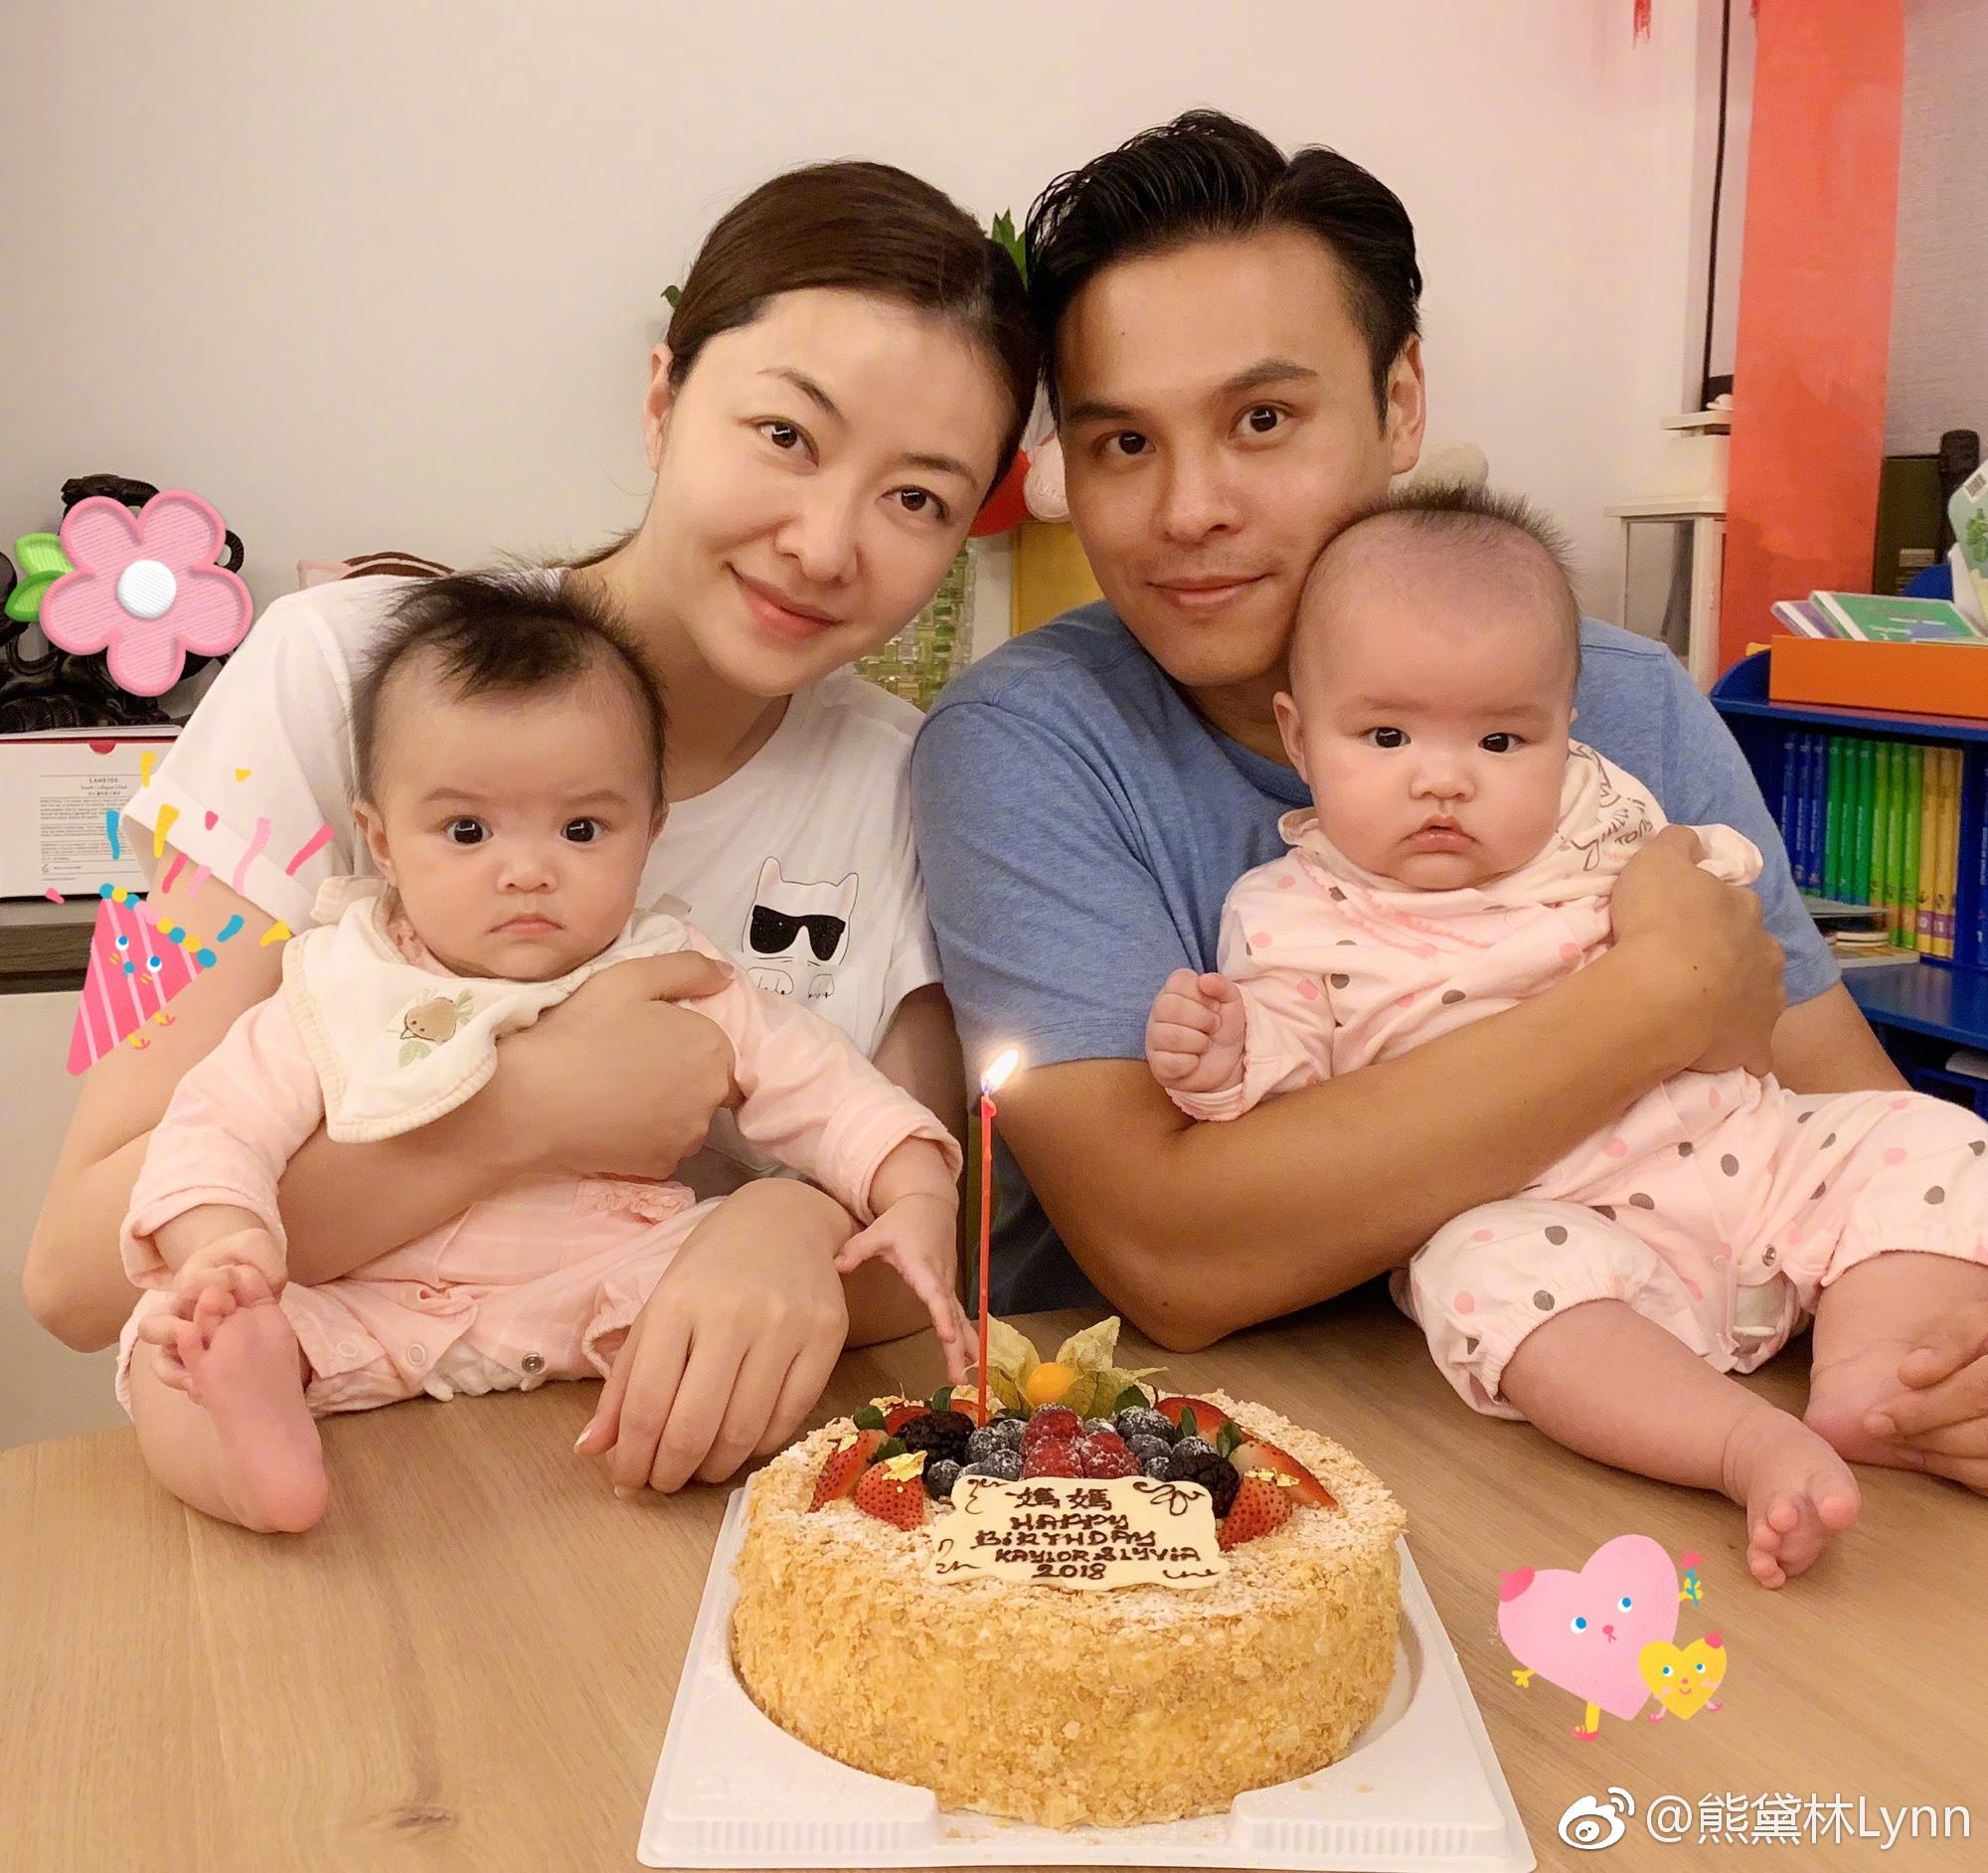 熊黛林生日與家人共度溫馨時刻。(微博圖片)